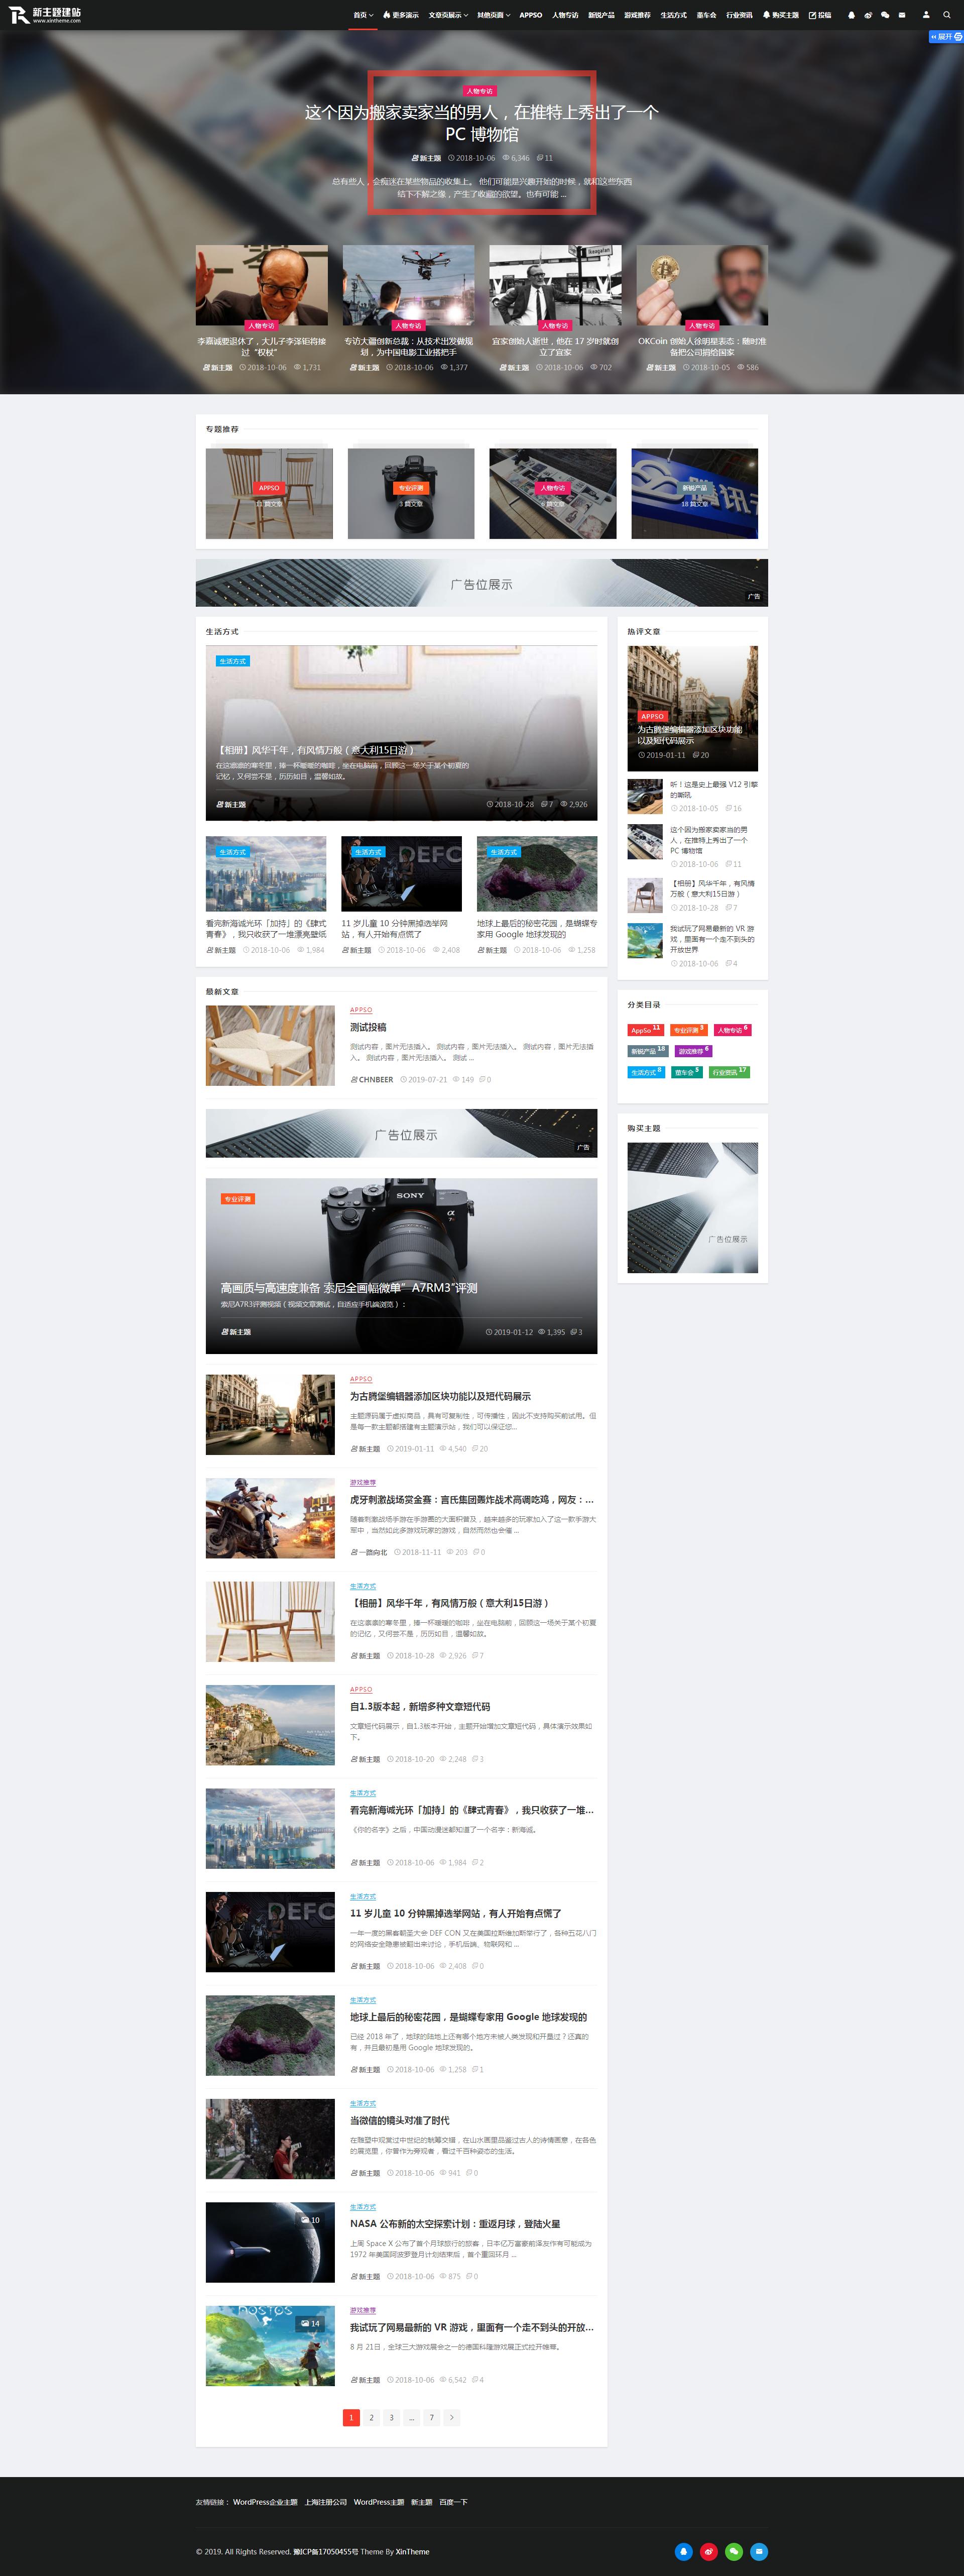 WordPress模板-Relive 3.1自适应模块化主题下载